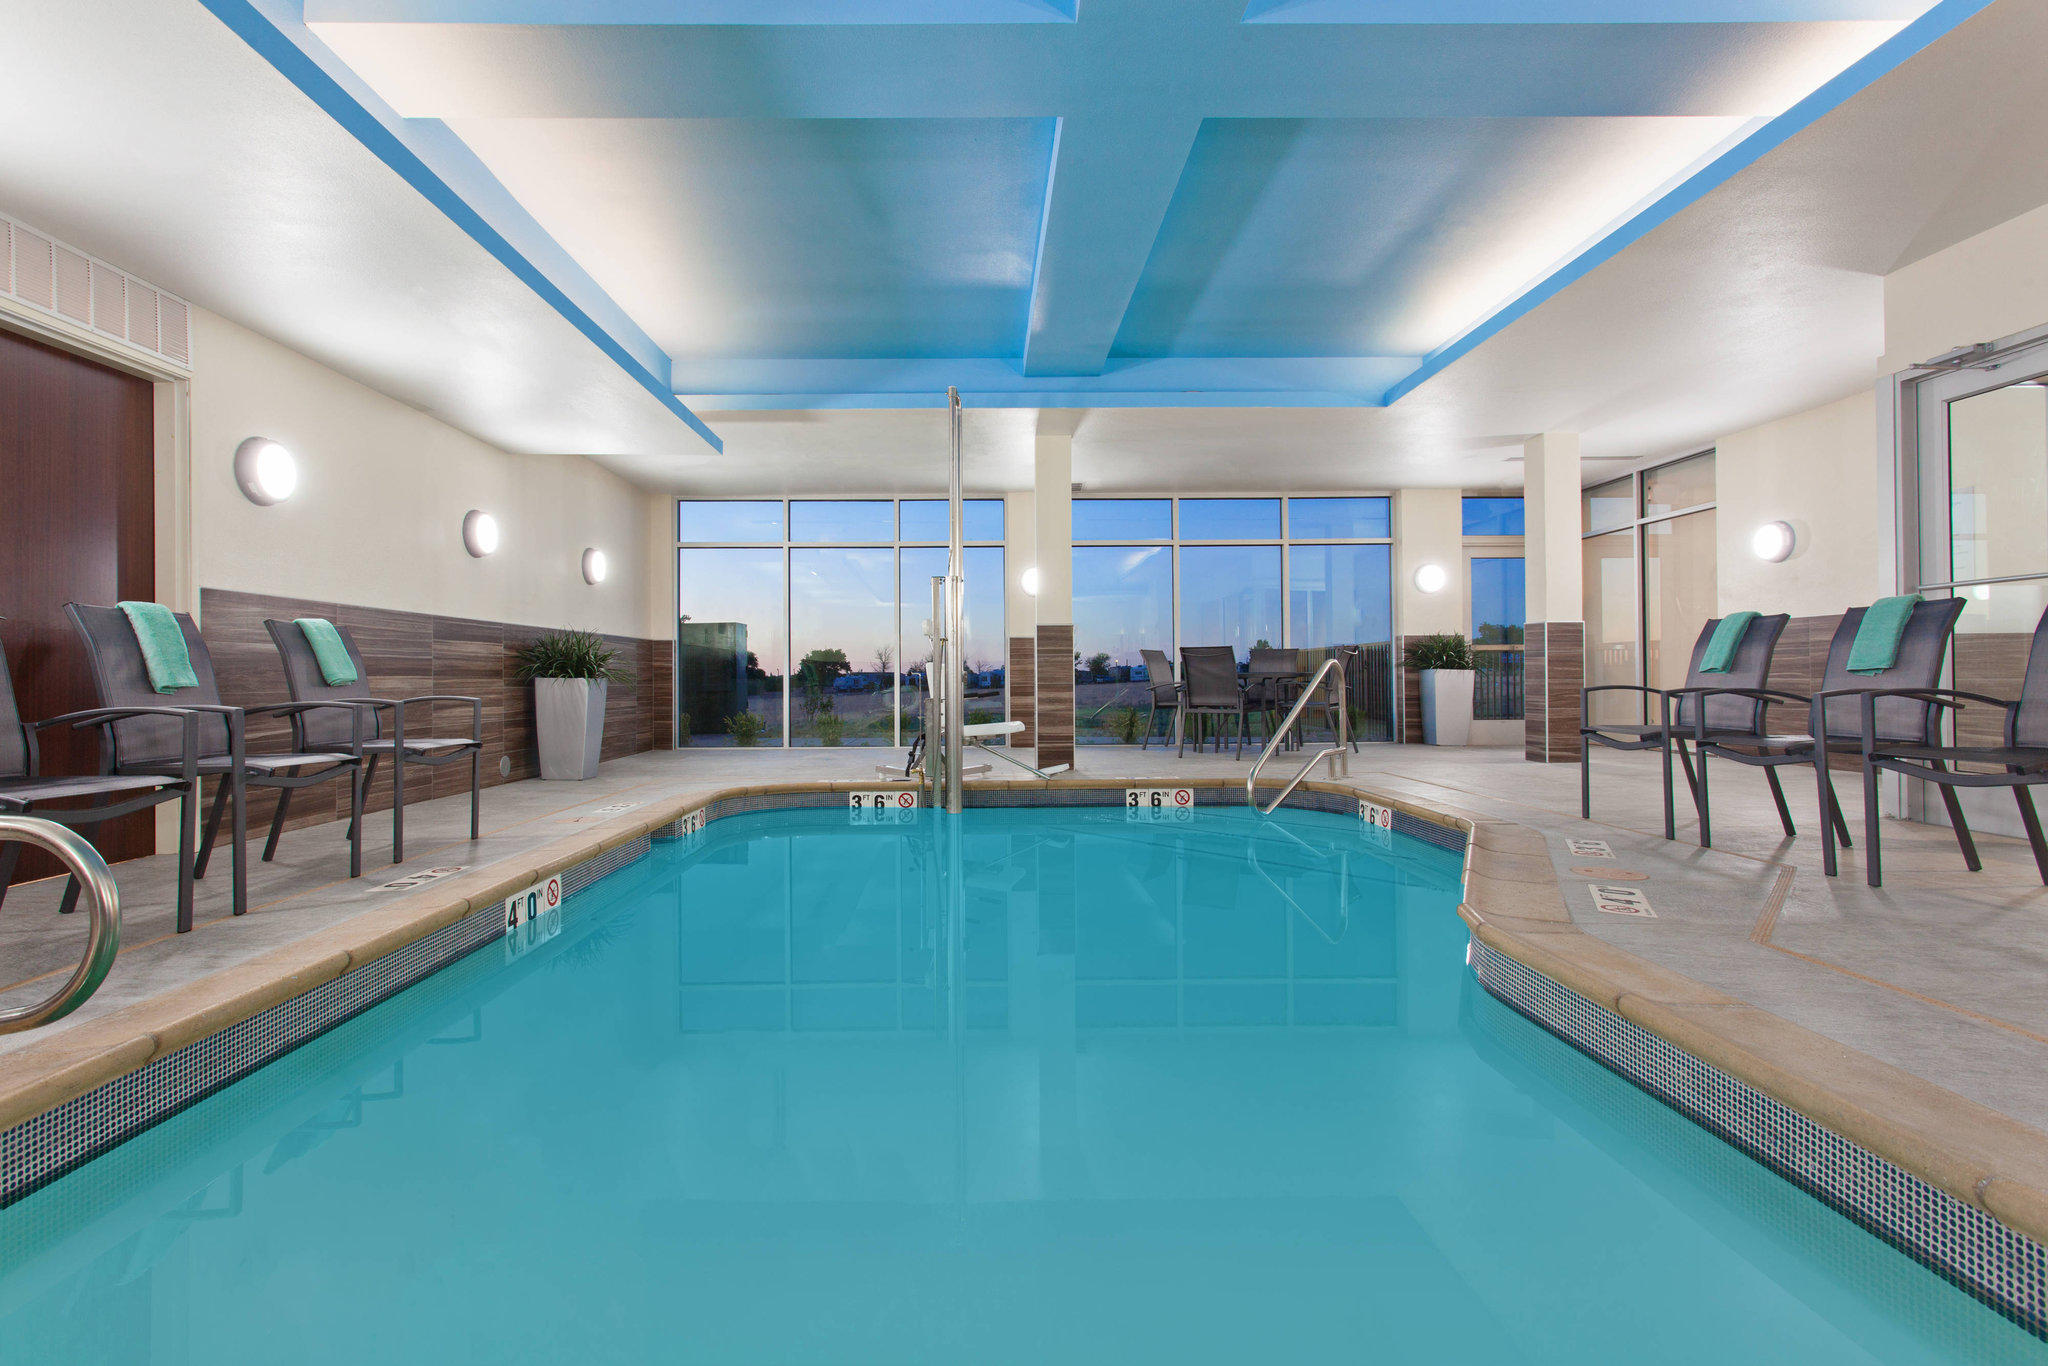 Fairfield Inn & Suites by Marriott Tucumcari